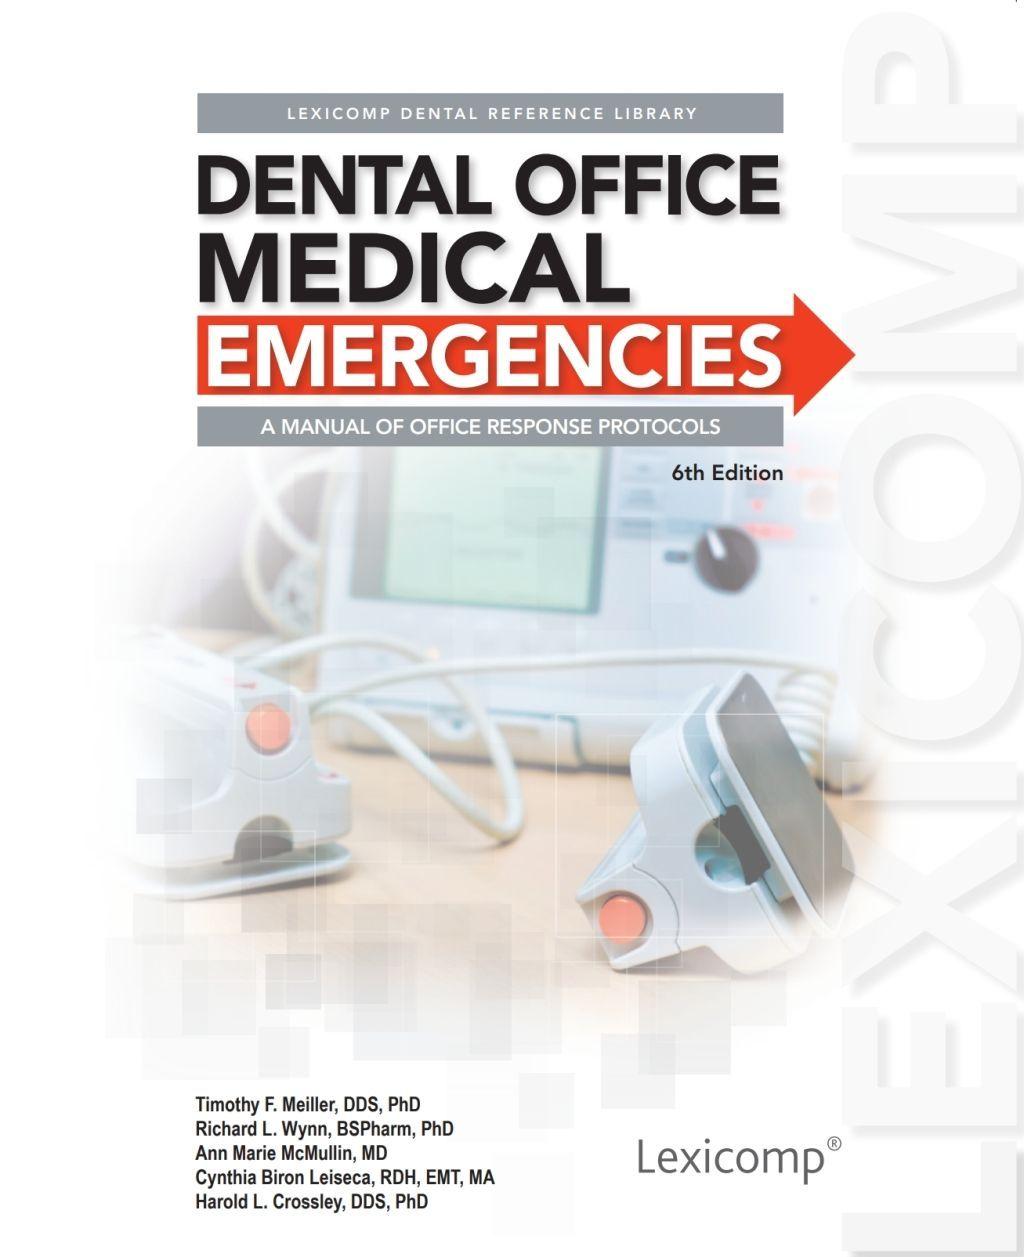 Noiseless Dental Office People Oralcareph Dentalofficeikea In 2020 Emergency Medical Dental Office Dental